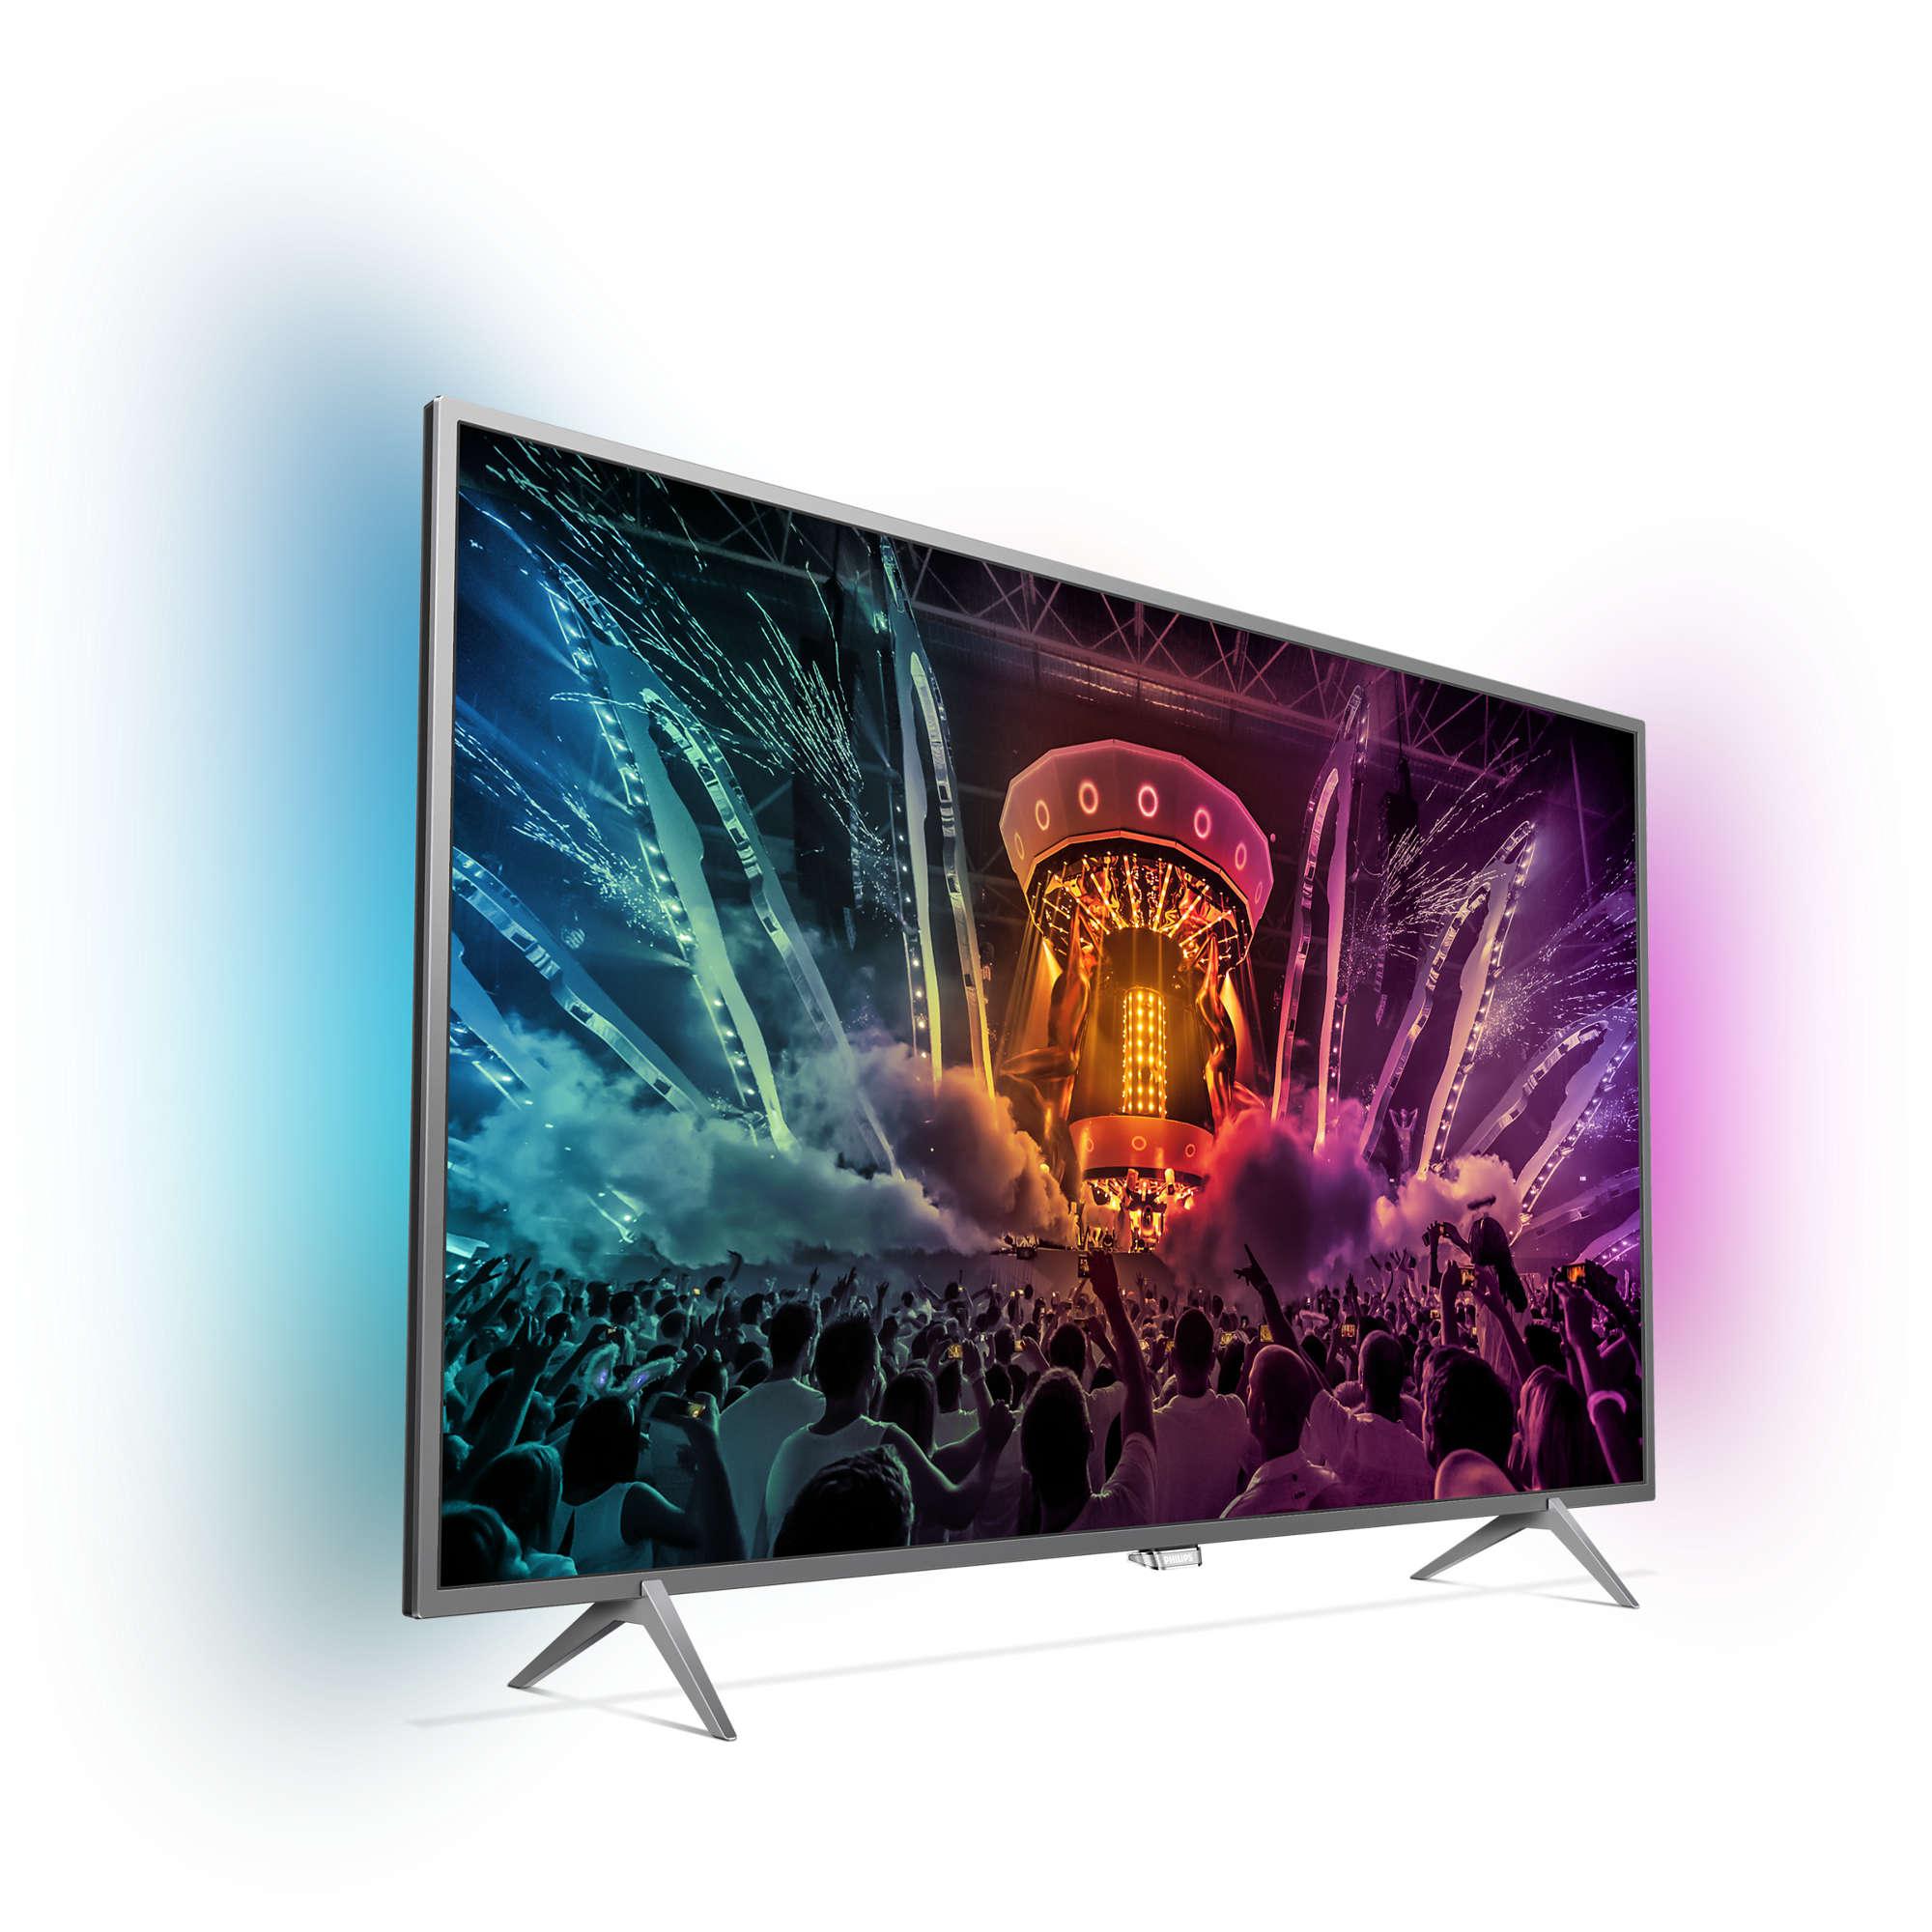 טלוויזיה ''49 LED 4K SMART ANDROID דגם 1000PPI  Wifi אמבילייט 2 דגם 49PUS6401 מבית Philips - תמונה 3